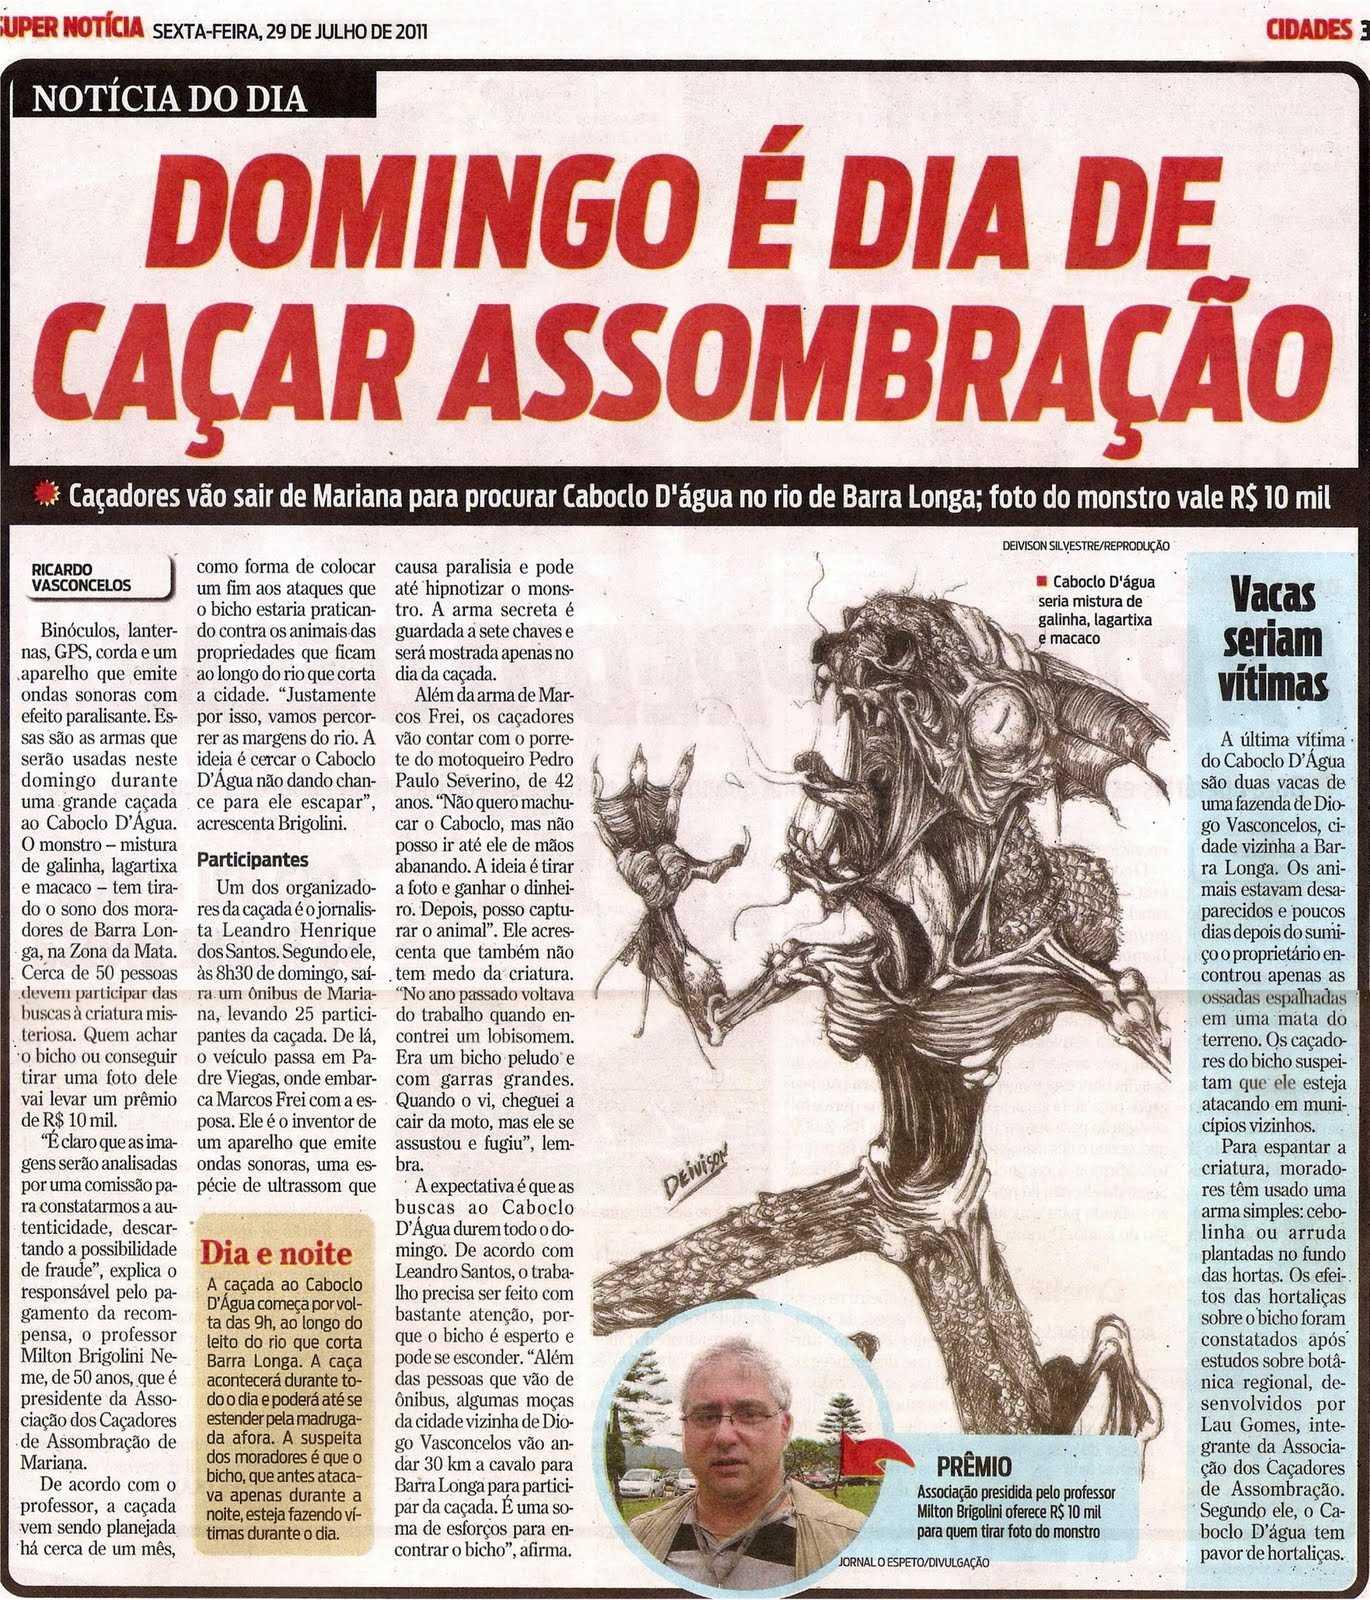 Caboclo D'Água no rio de Barra Longa vira prêmio / Foto : Divulgação